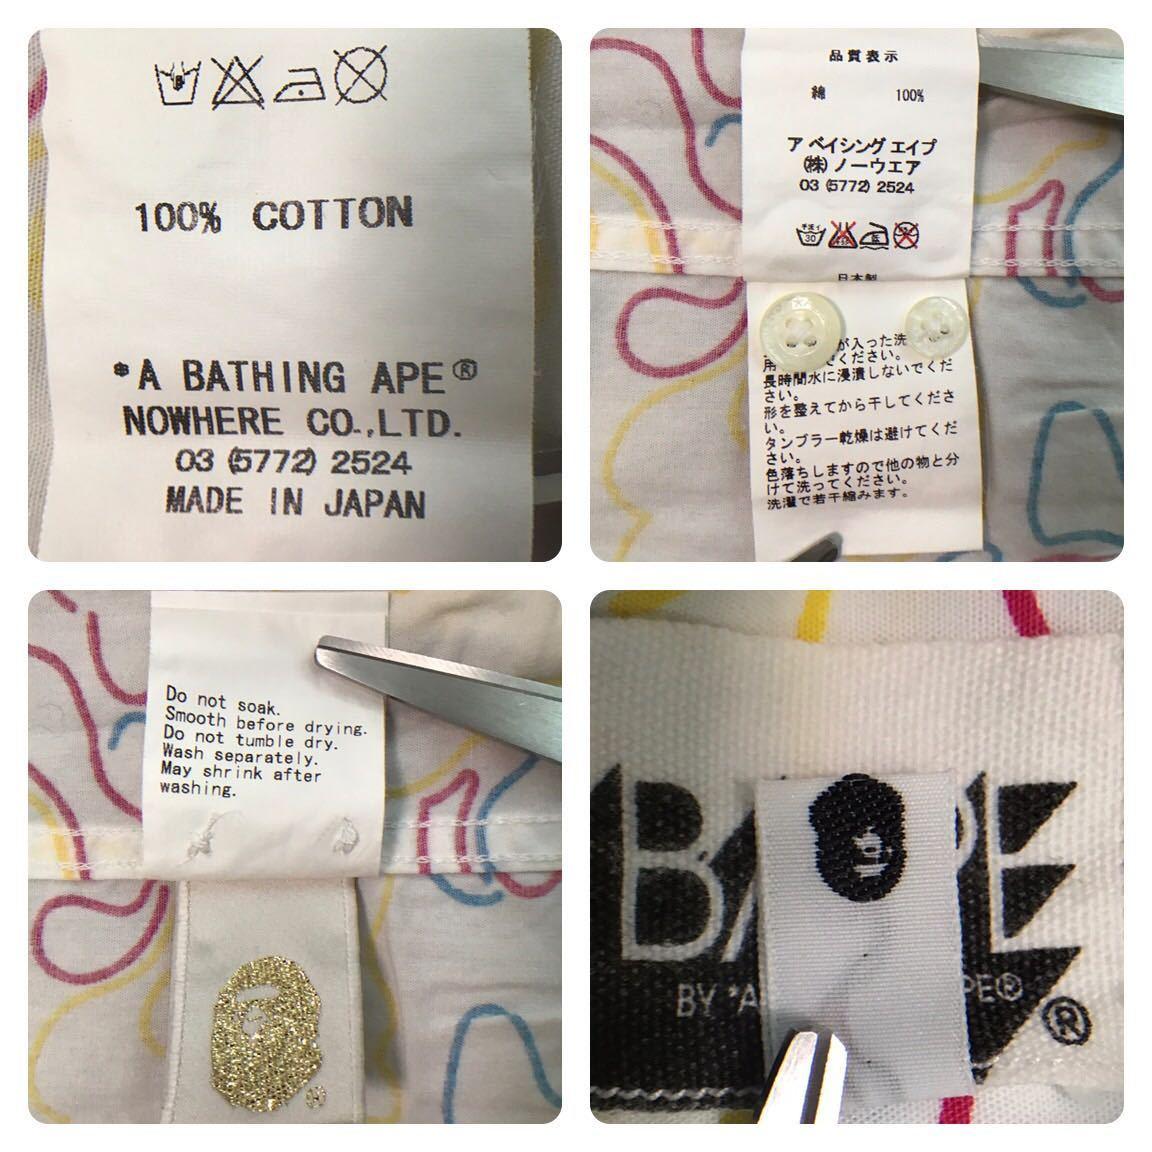 Neon camo BD 半袖シャツ Mサイズ a bathing ape BAPE エイプ ベイプ アベイシングエイプ 迷彩 ネオンカモ 6352